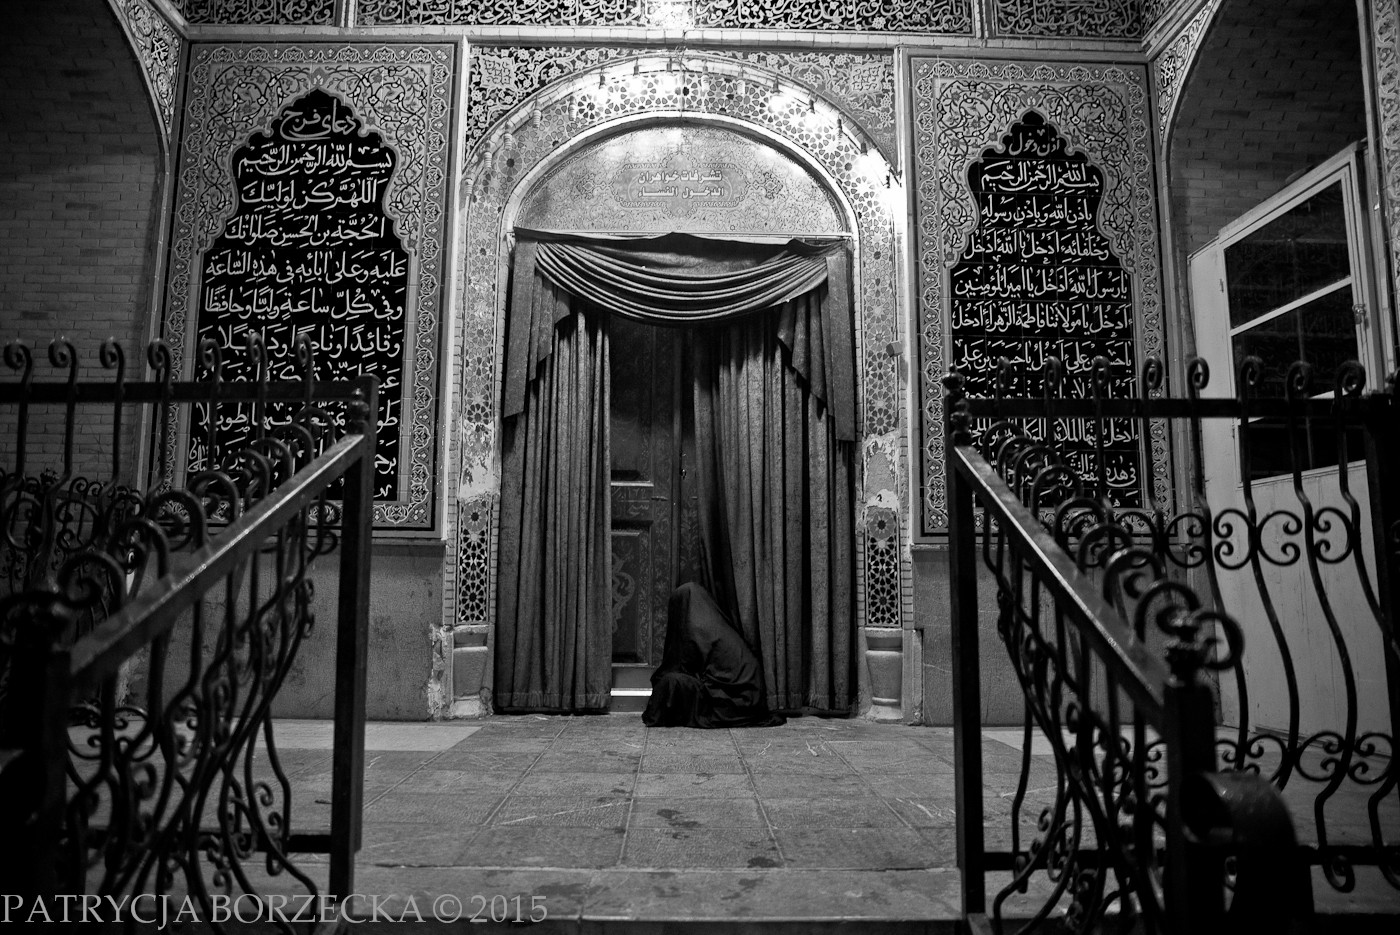 PatrycjaBorzecka-photo-Muharram05